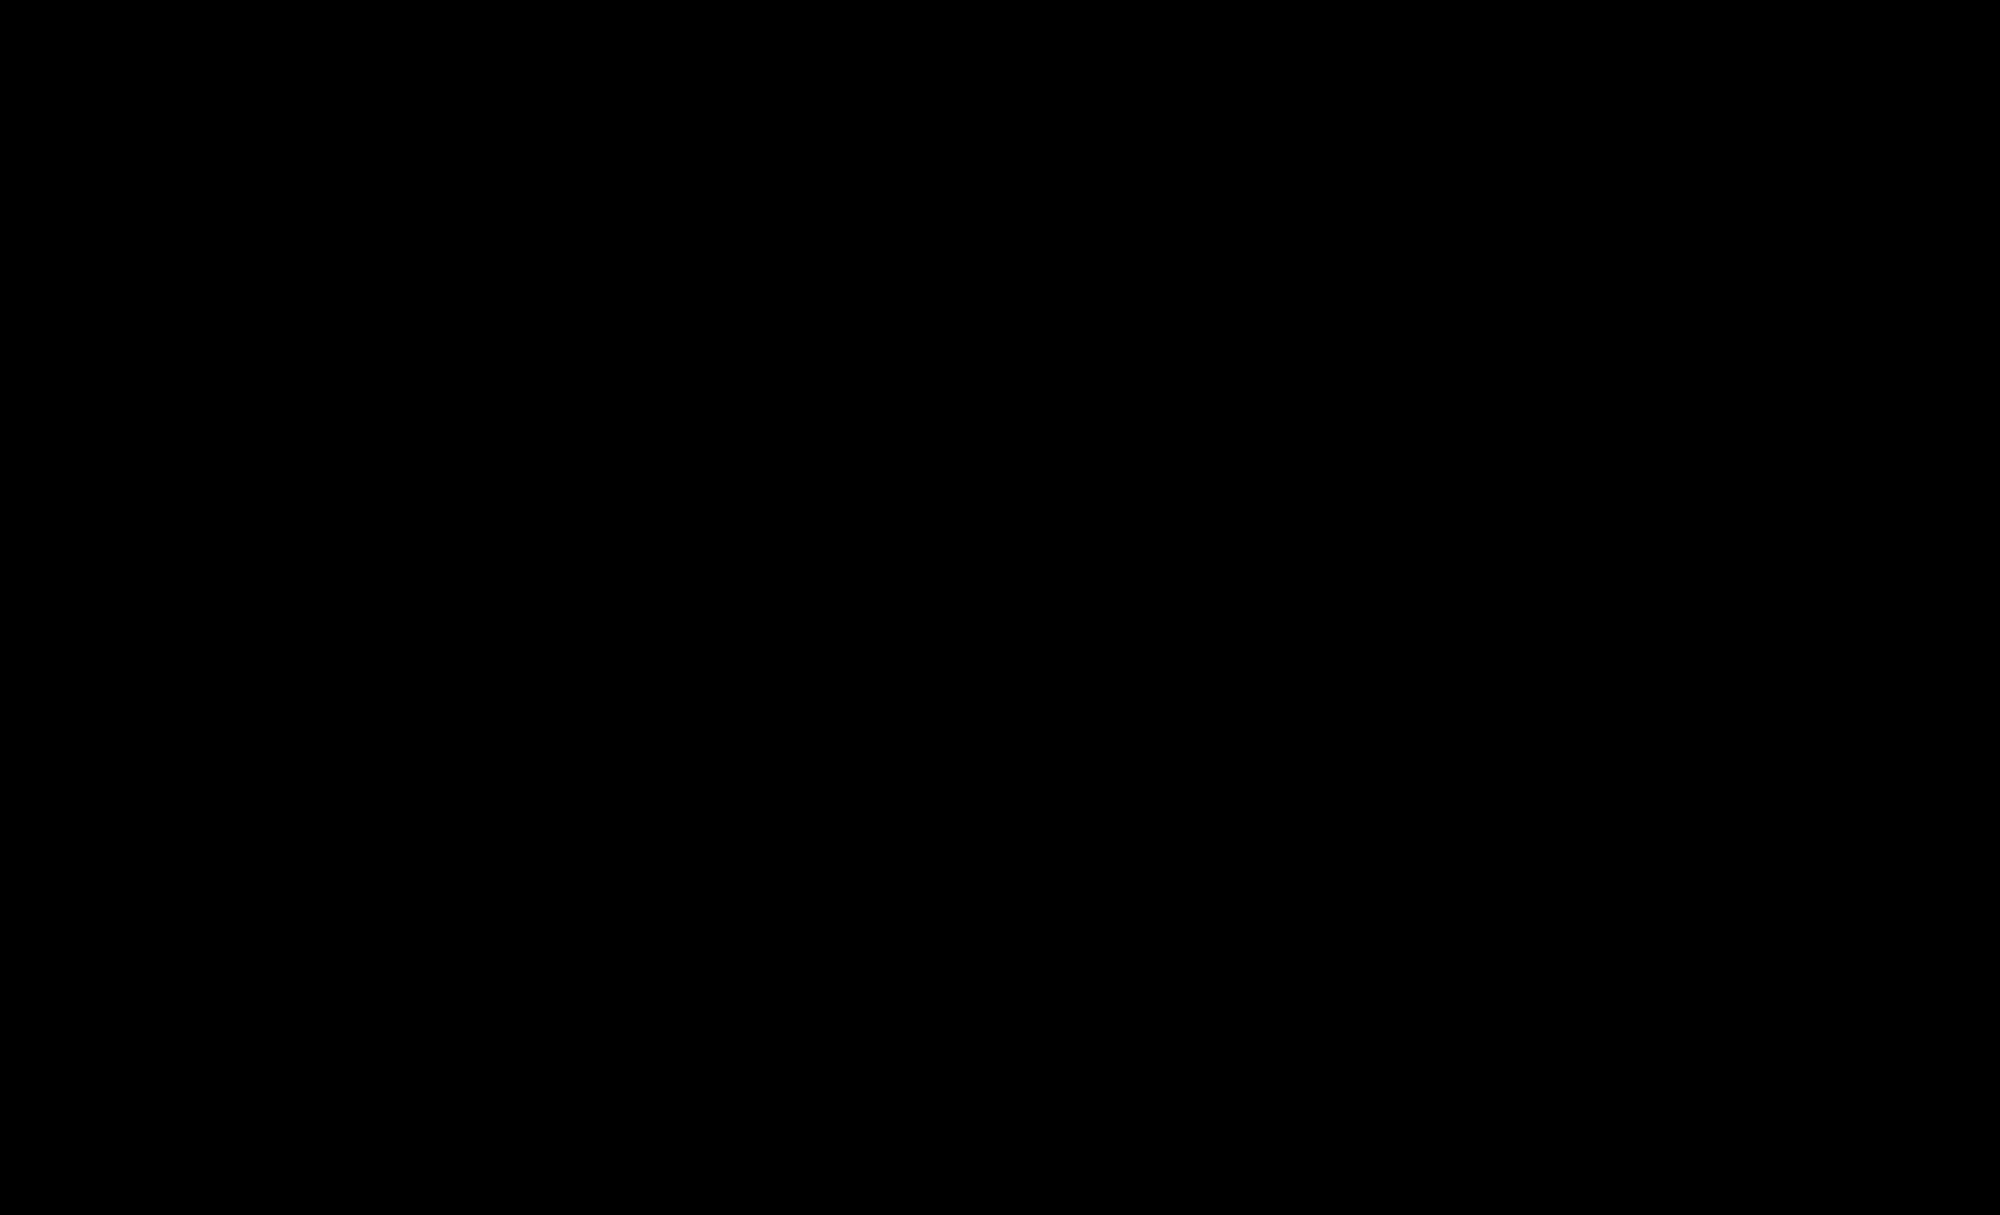 la_velocita_logo_1.png